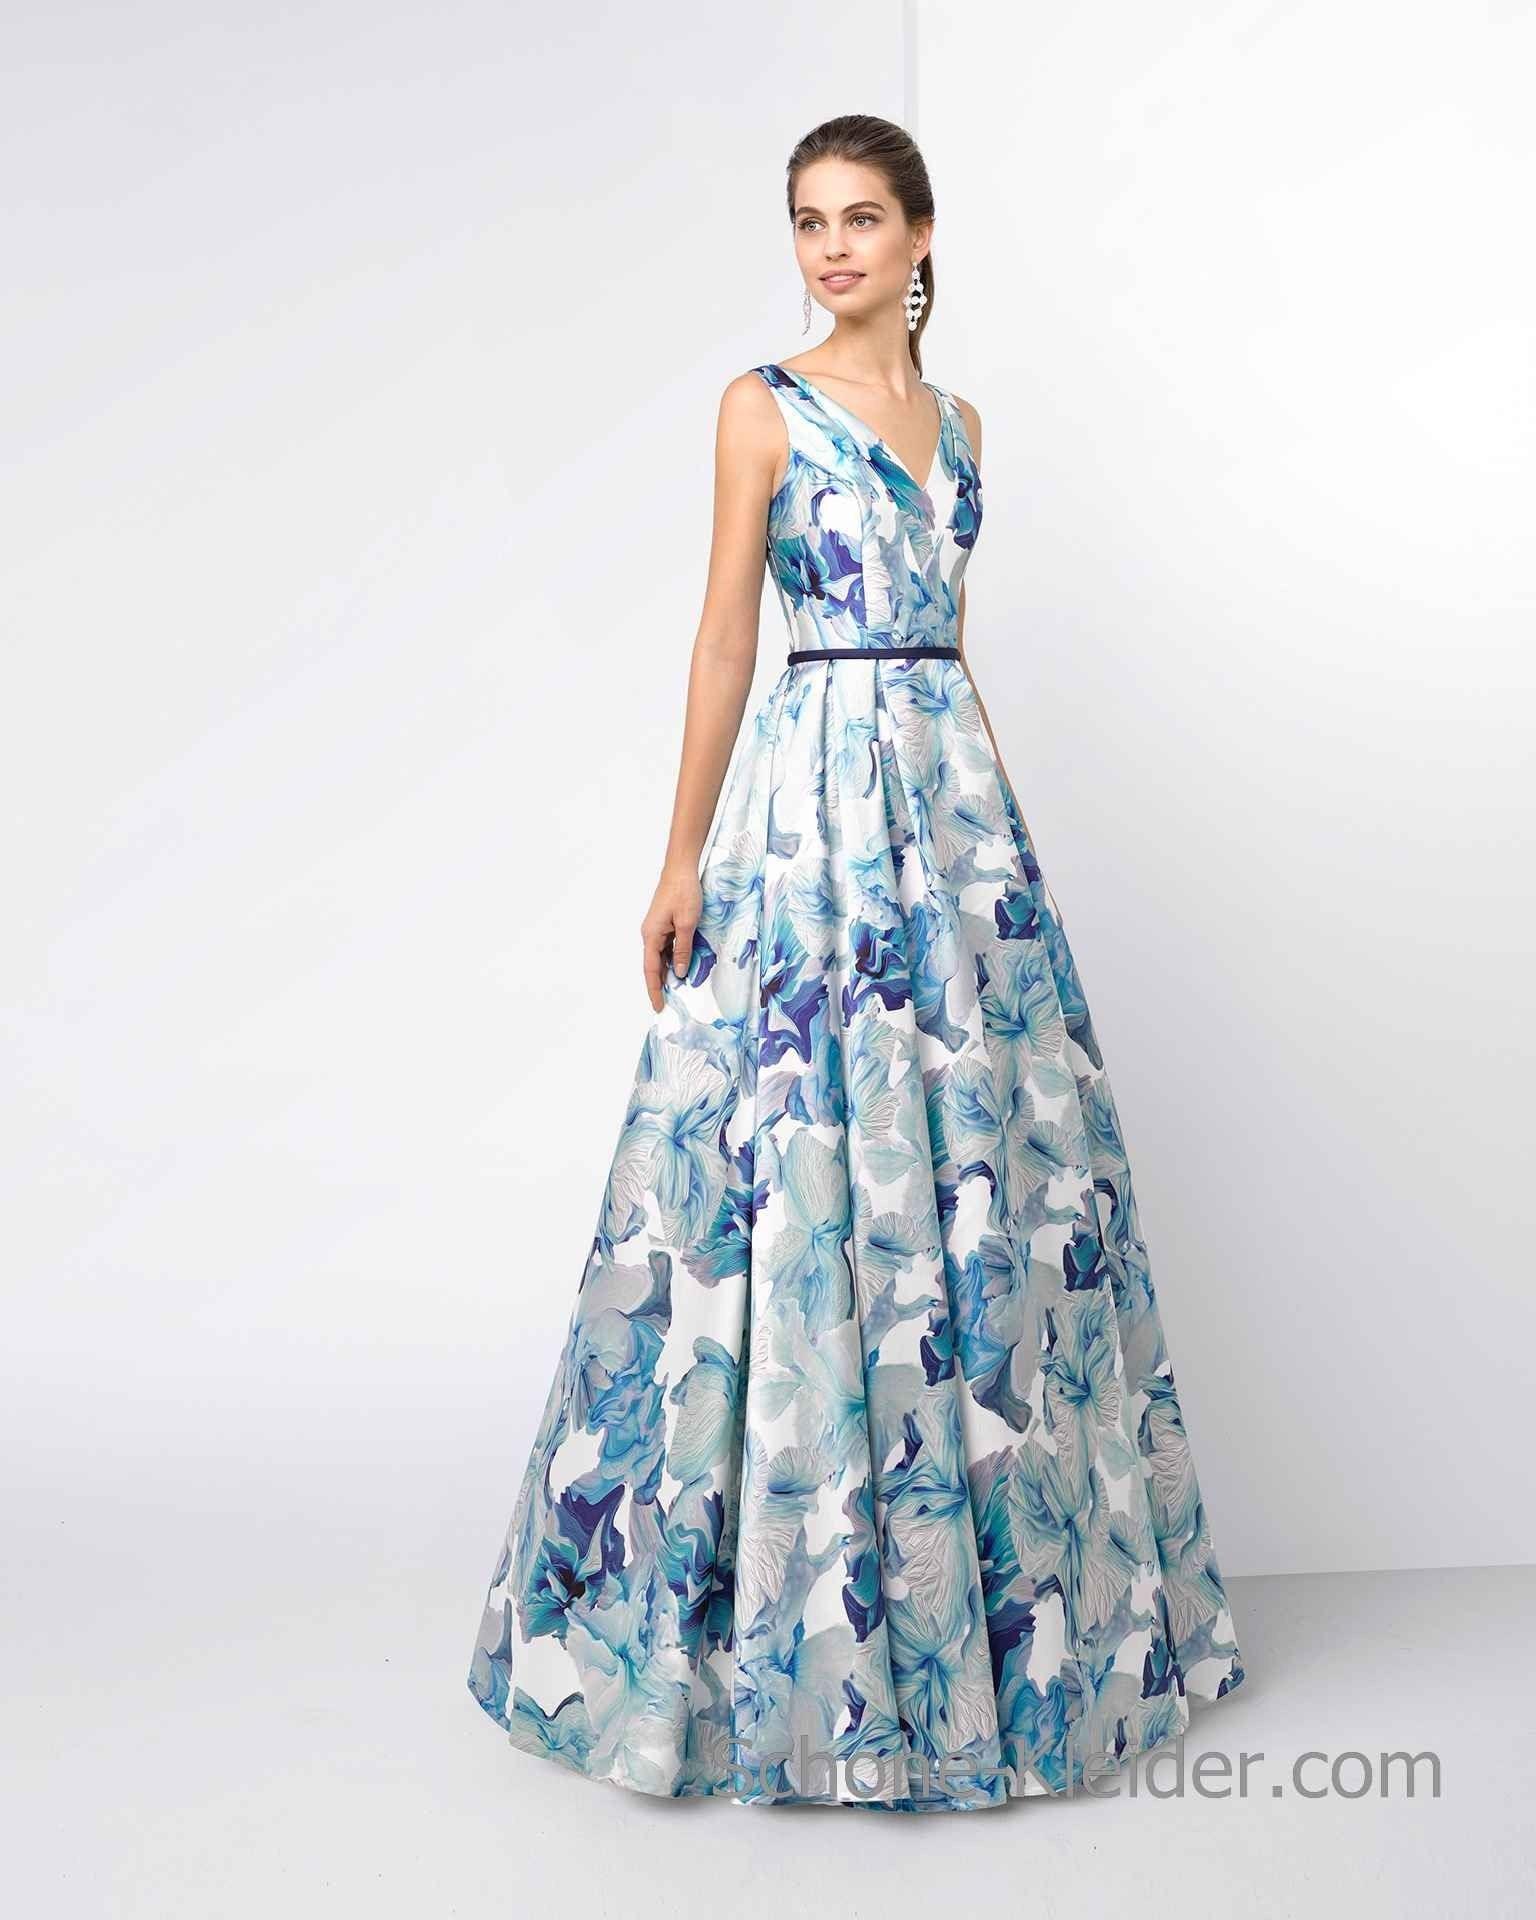 10 Luxus Kleid Besonderer Anlass VertriebAbend Coolste Kleid Besonderer Anlass Design